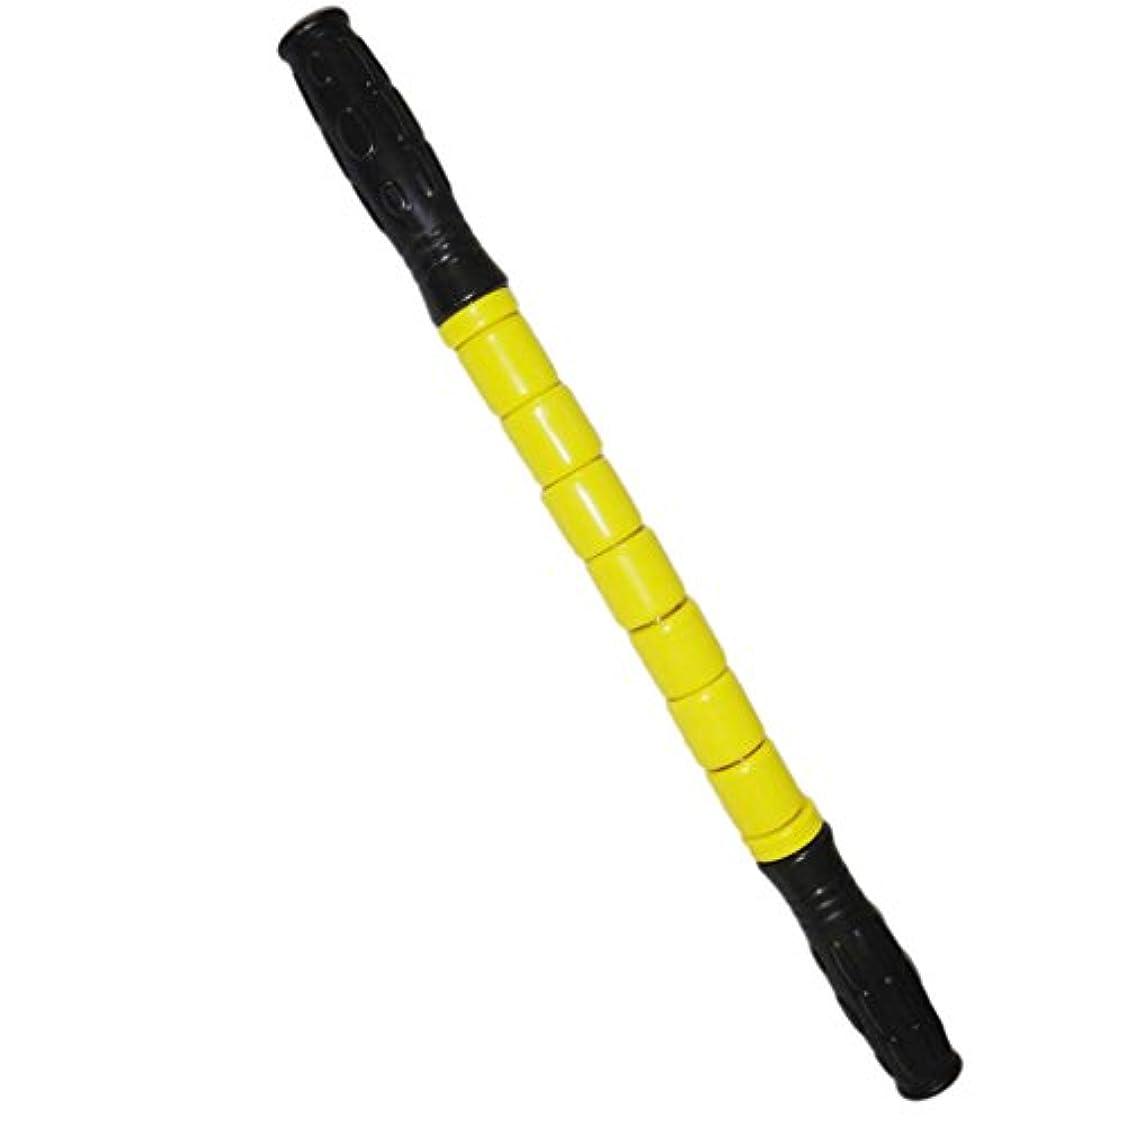 多用途オーバードロー汚染マッサージ スティック 筋 筋膜 リリース ツール マッスル マッサージ 痛み 緩和 全3色 - 黄